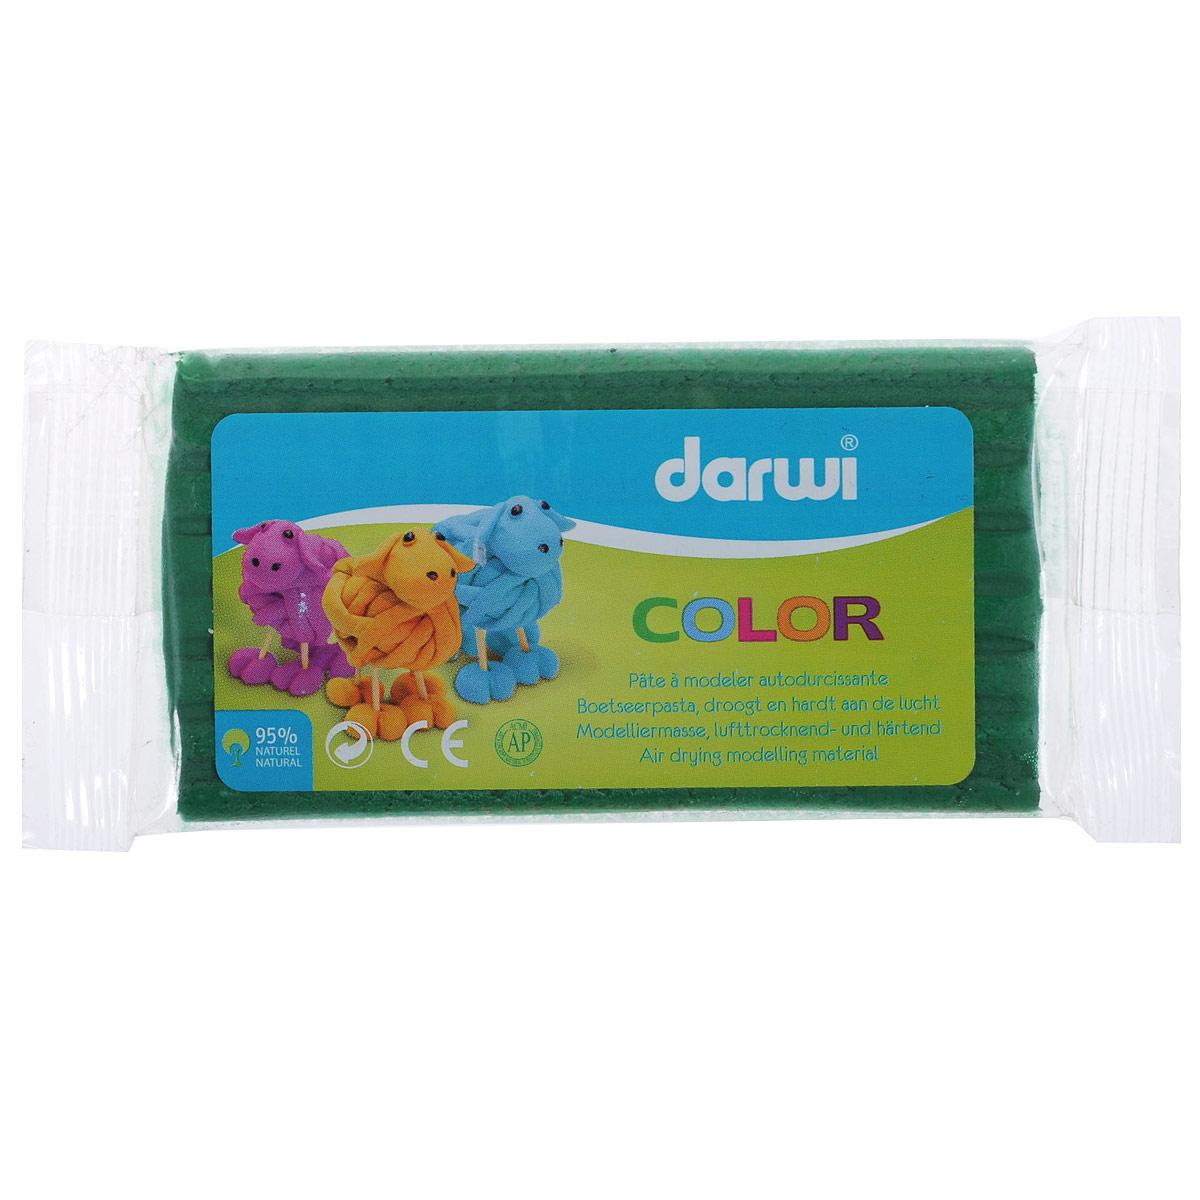 Масса для лепки Darwi Color, цвет: зеленый (600), 100 г692533_600Масса для лепки Darwi Color - это однородная, самозатвердевающая полимерная глина, предназначенная для лепки. Уже готова к использованию. Масса прекрасно подойдет для детского творчества. Неоспоримое преимущество в том, что ее состав полностью из натуральных продуктов, поэтому масса для лепки гипоаллергенна. Немного пачкает руки. После полного высыхания (минимум 24 часа) масса становится очень твердой и дает небольшую усадку. При высыхании не трескается. После отверждения можно покрывать лаком, красками. Для получения нужных оттенков можно добавлять в массу масляную краску. Масса легко режется ножницами или ножом. Не рекомендуется давать детям до 3-х лет. Транспортировка и хранение только при положительной температуре.